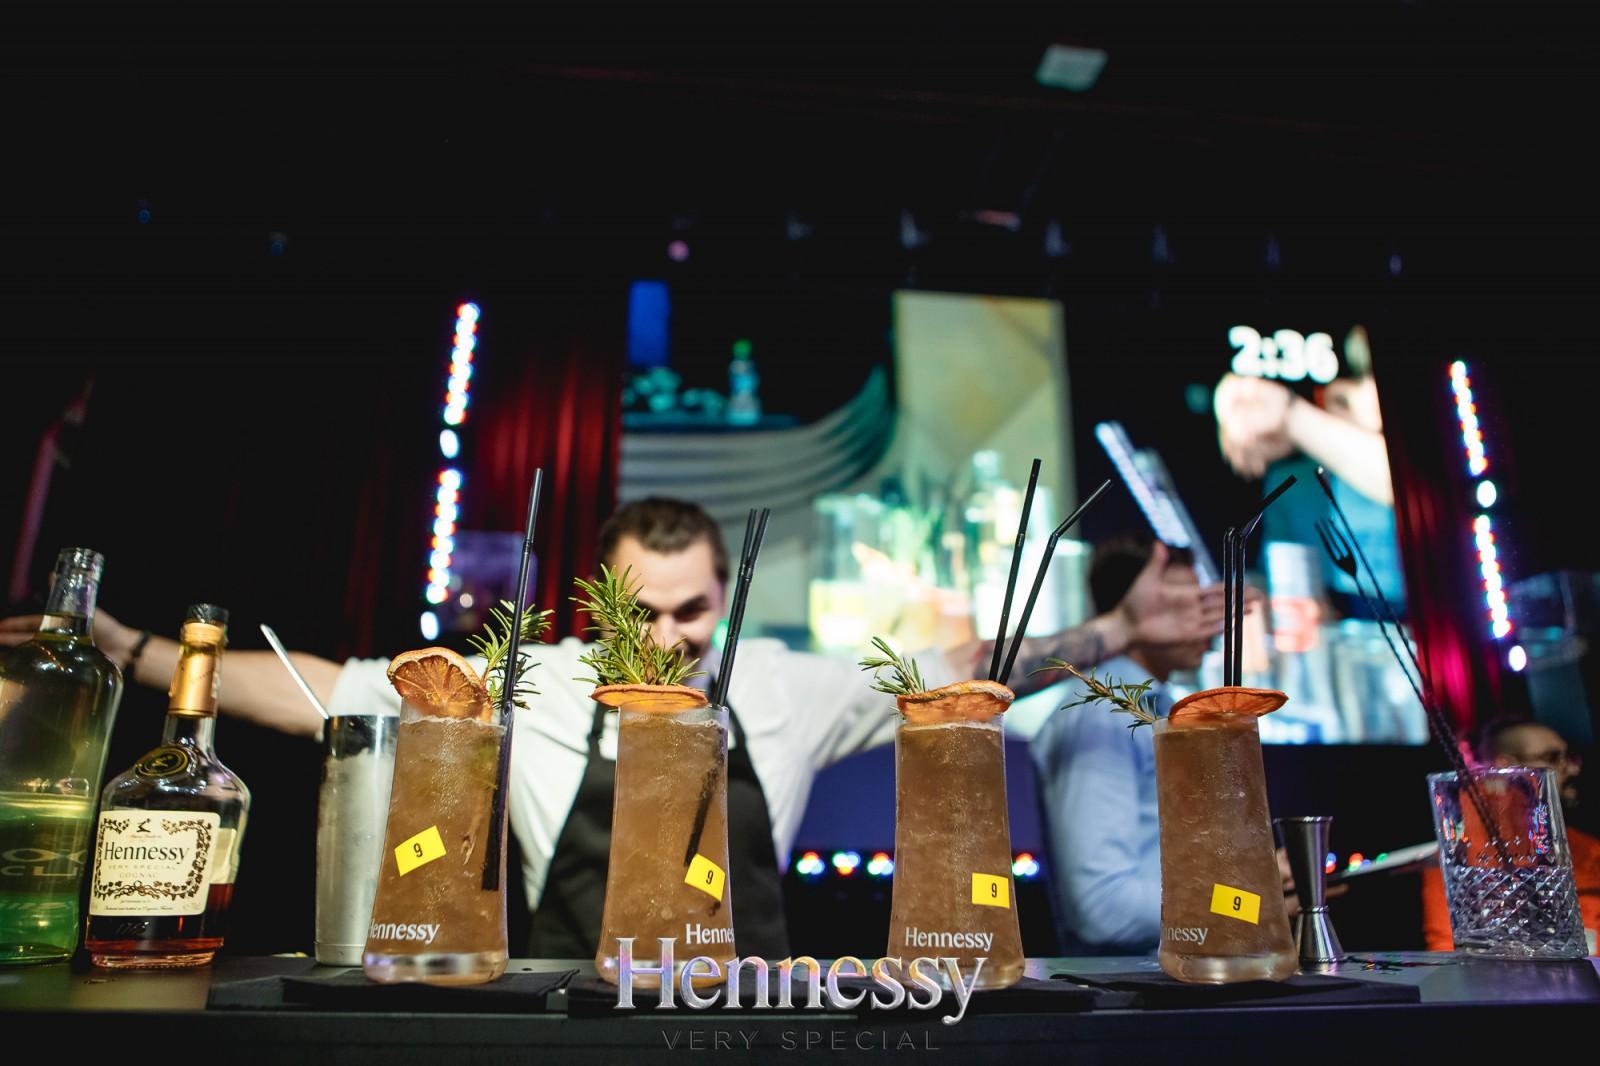 (foto/video) La Chişinău a avut loc competiţia de barmani Hennessy Bartenders Competition 2018